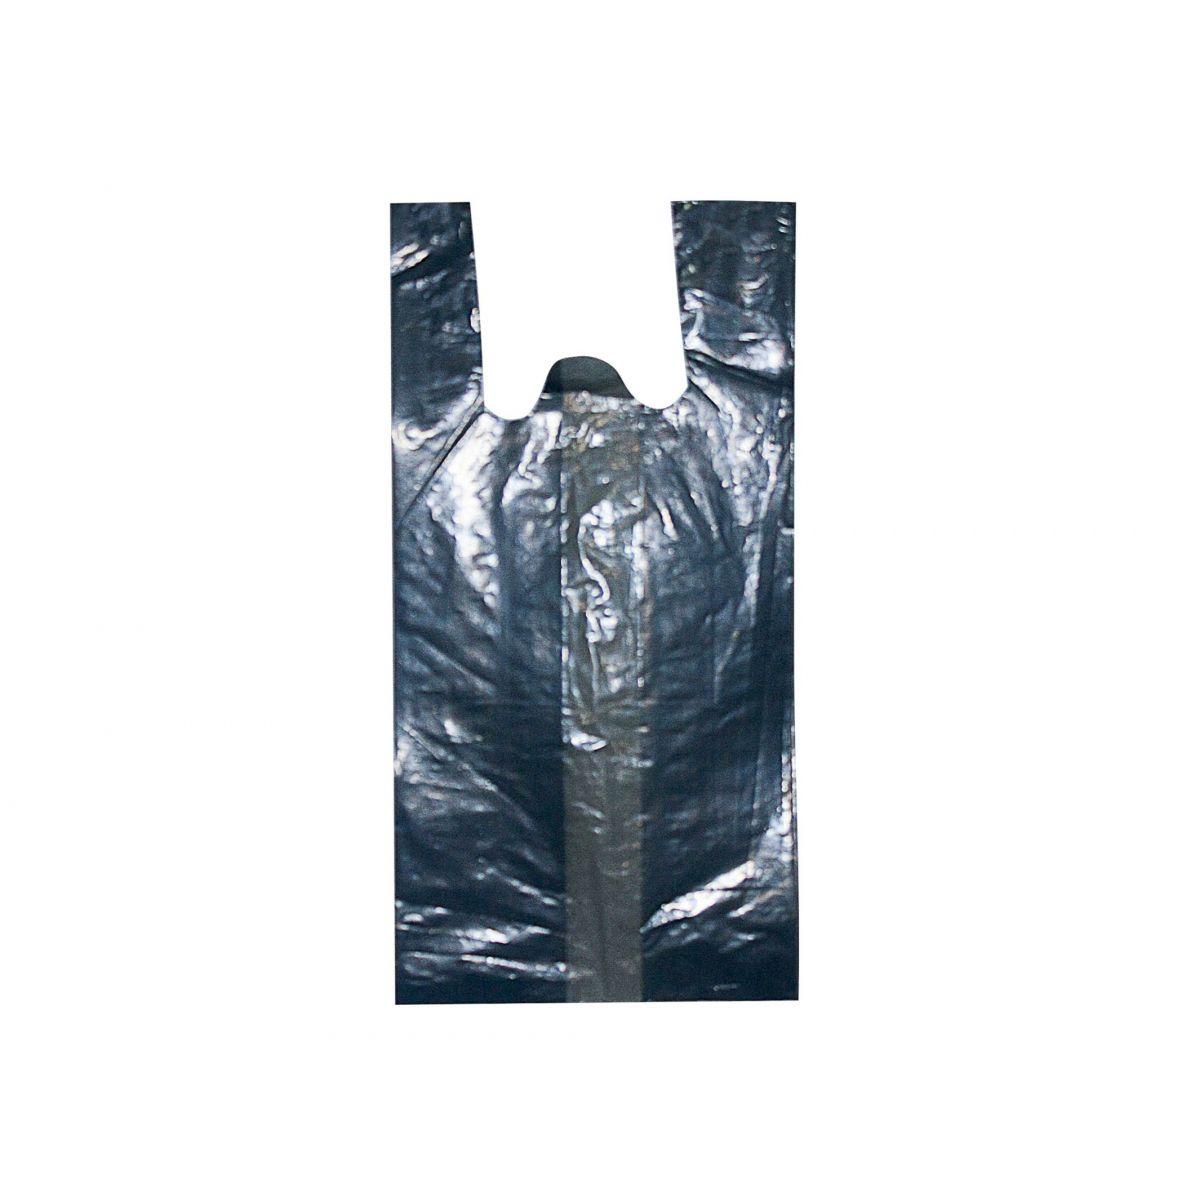 Sacola plástica Alça Camiseta - Preta Reciclada - 35x45cm - Pacote 405 unid (5 KG)